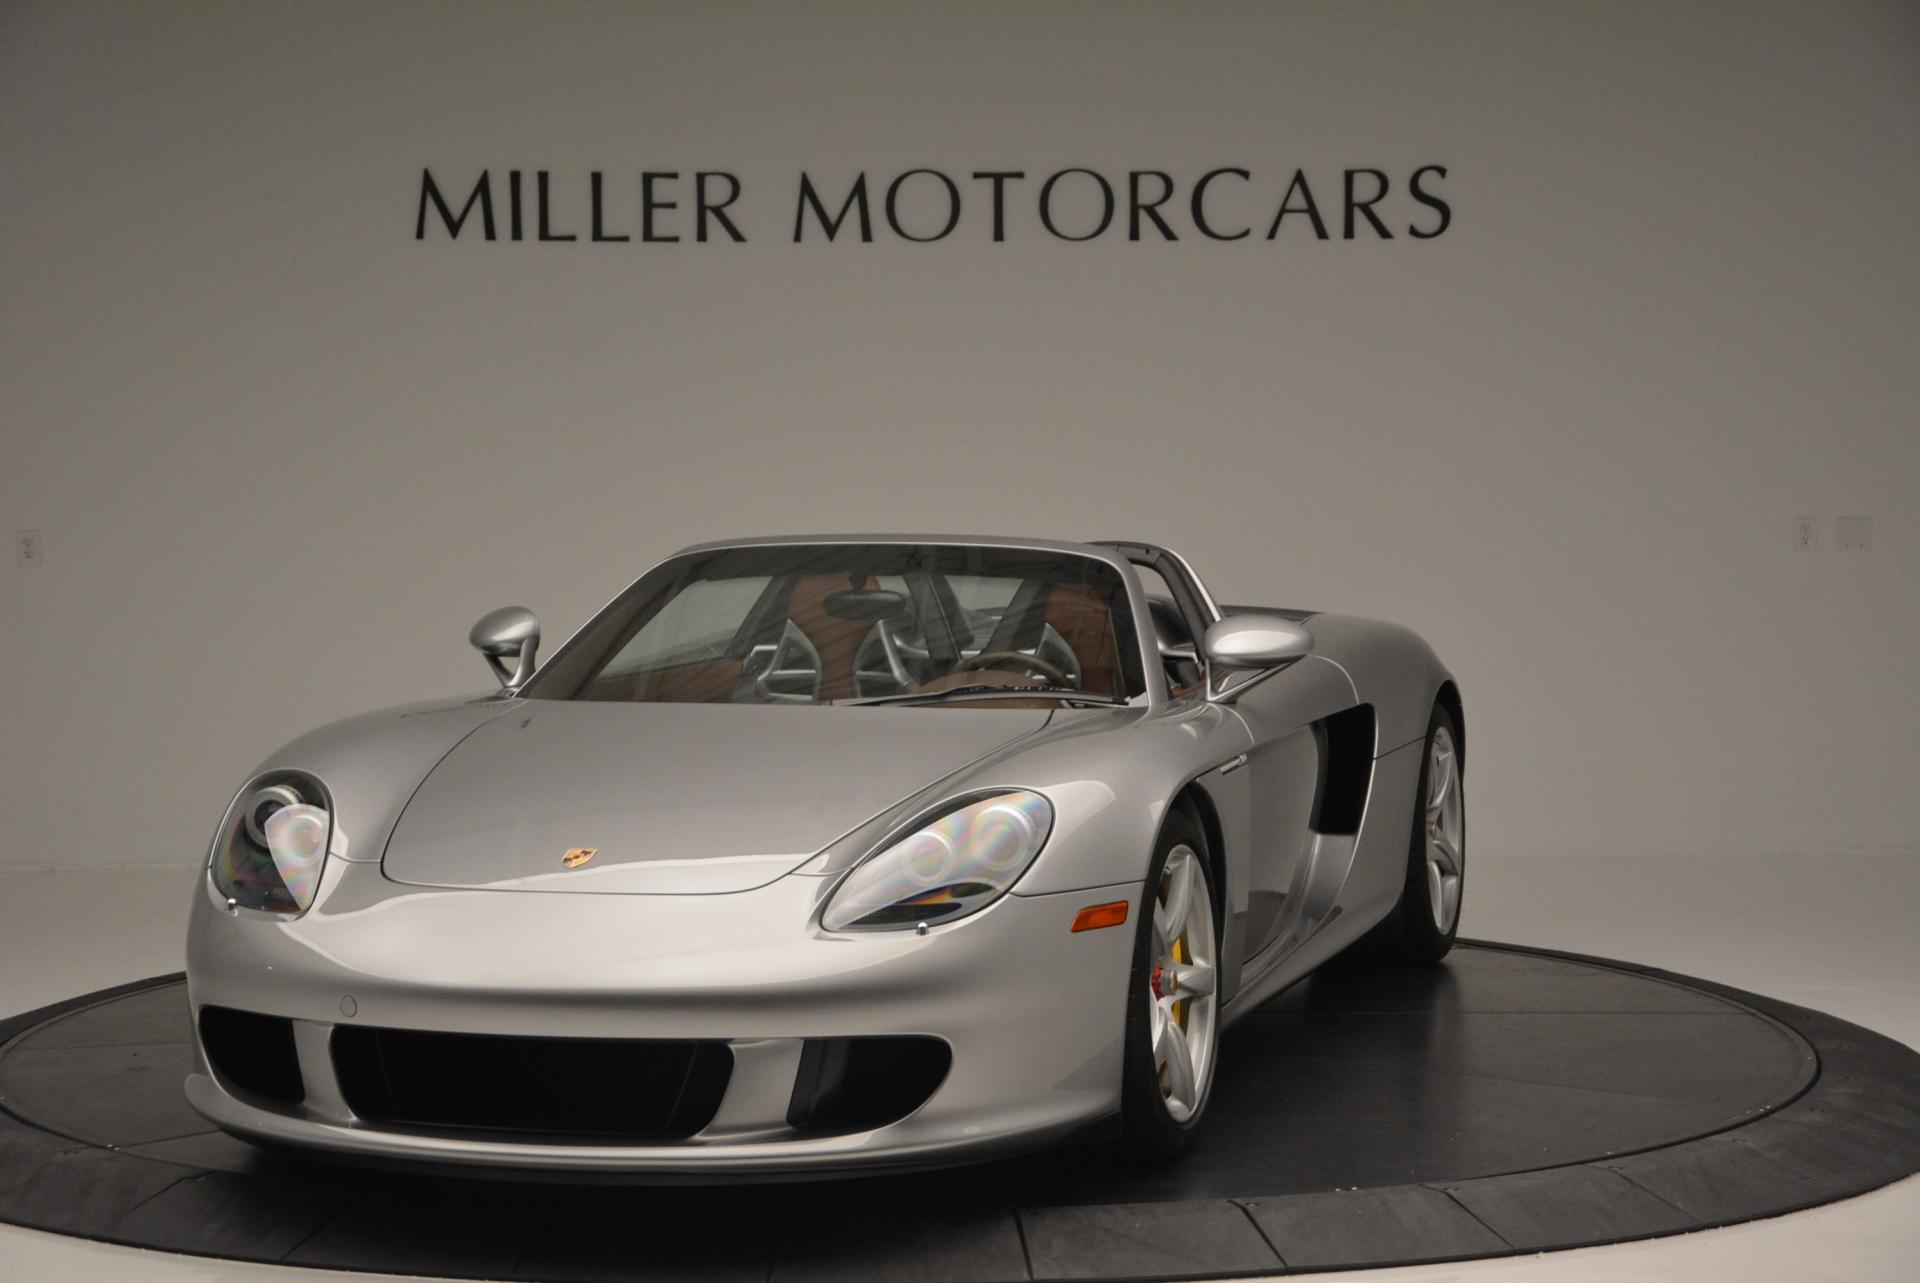 Used 2005 Porsche Carrera GT  For Sale In Greenwich, CT. Alfa Romeo of Greenwich, 7114 108_p2